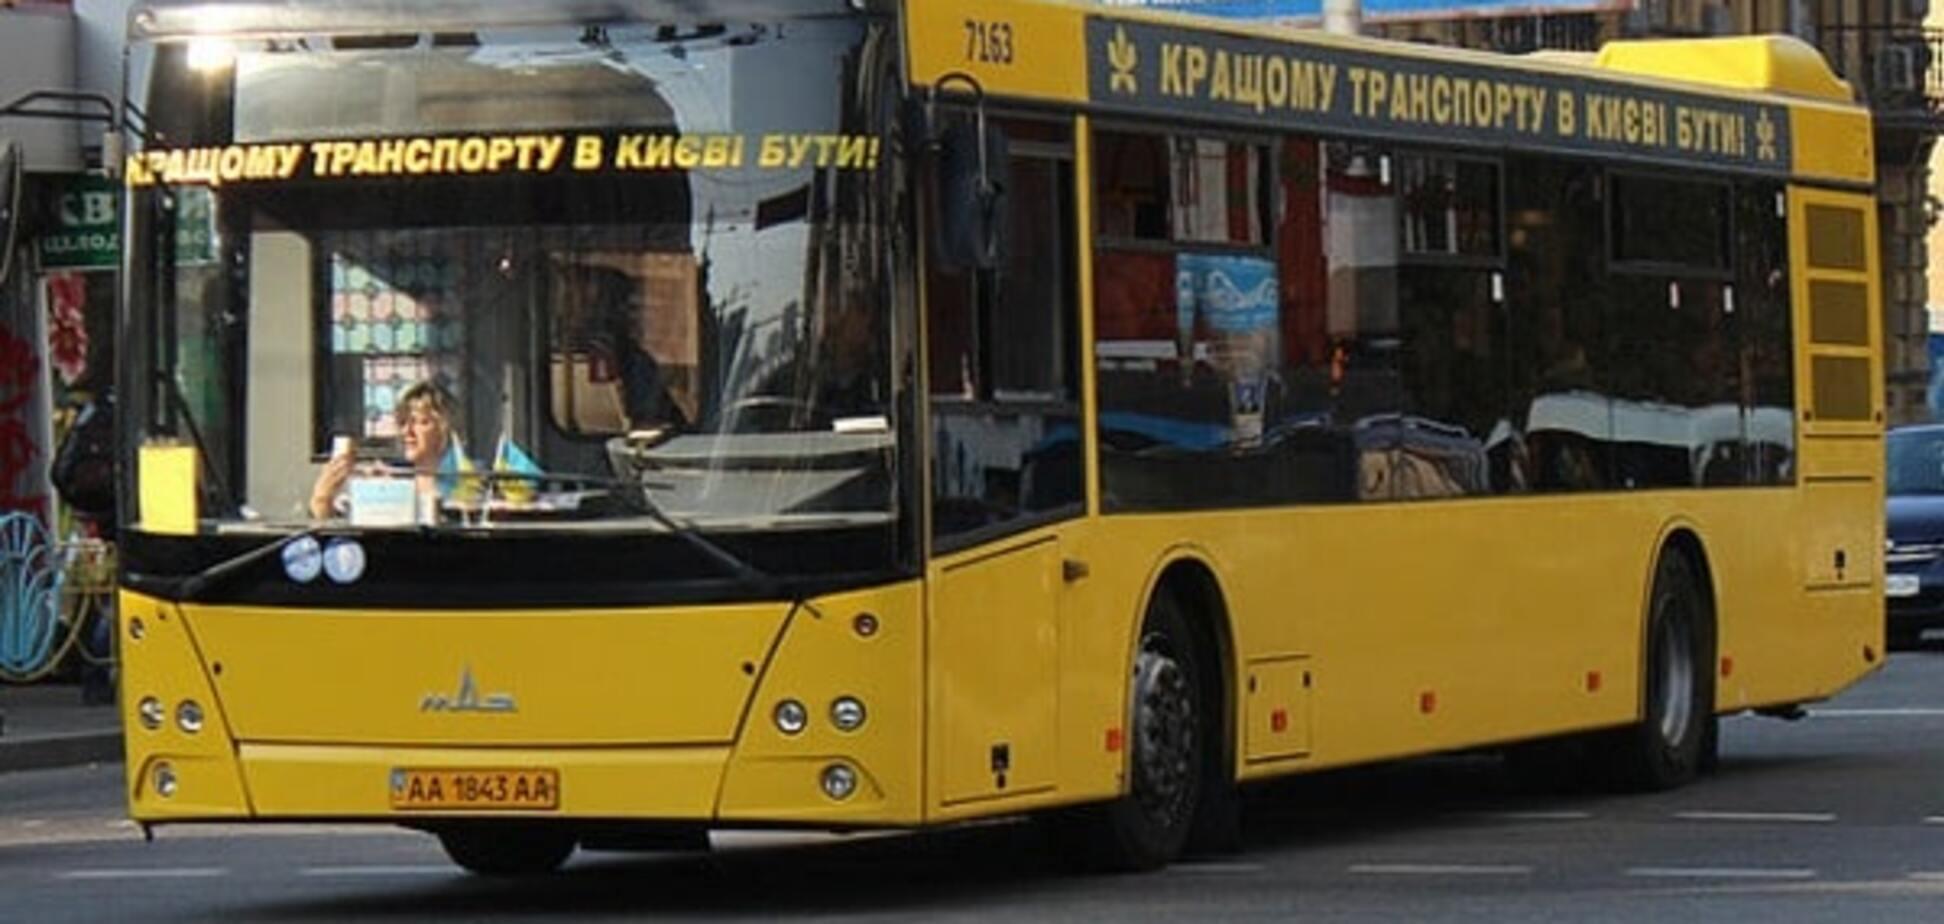 Із центру на Троєщину: як поїде київський нічний транспорт